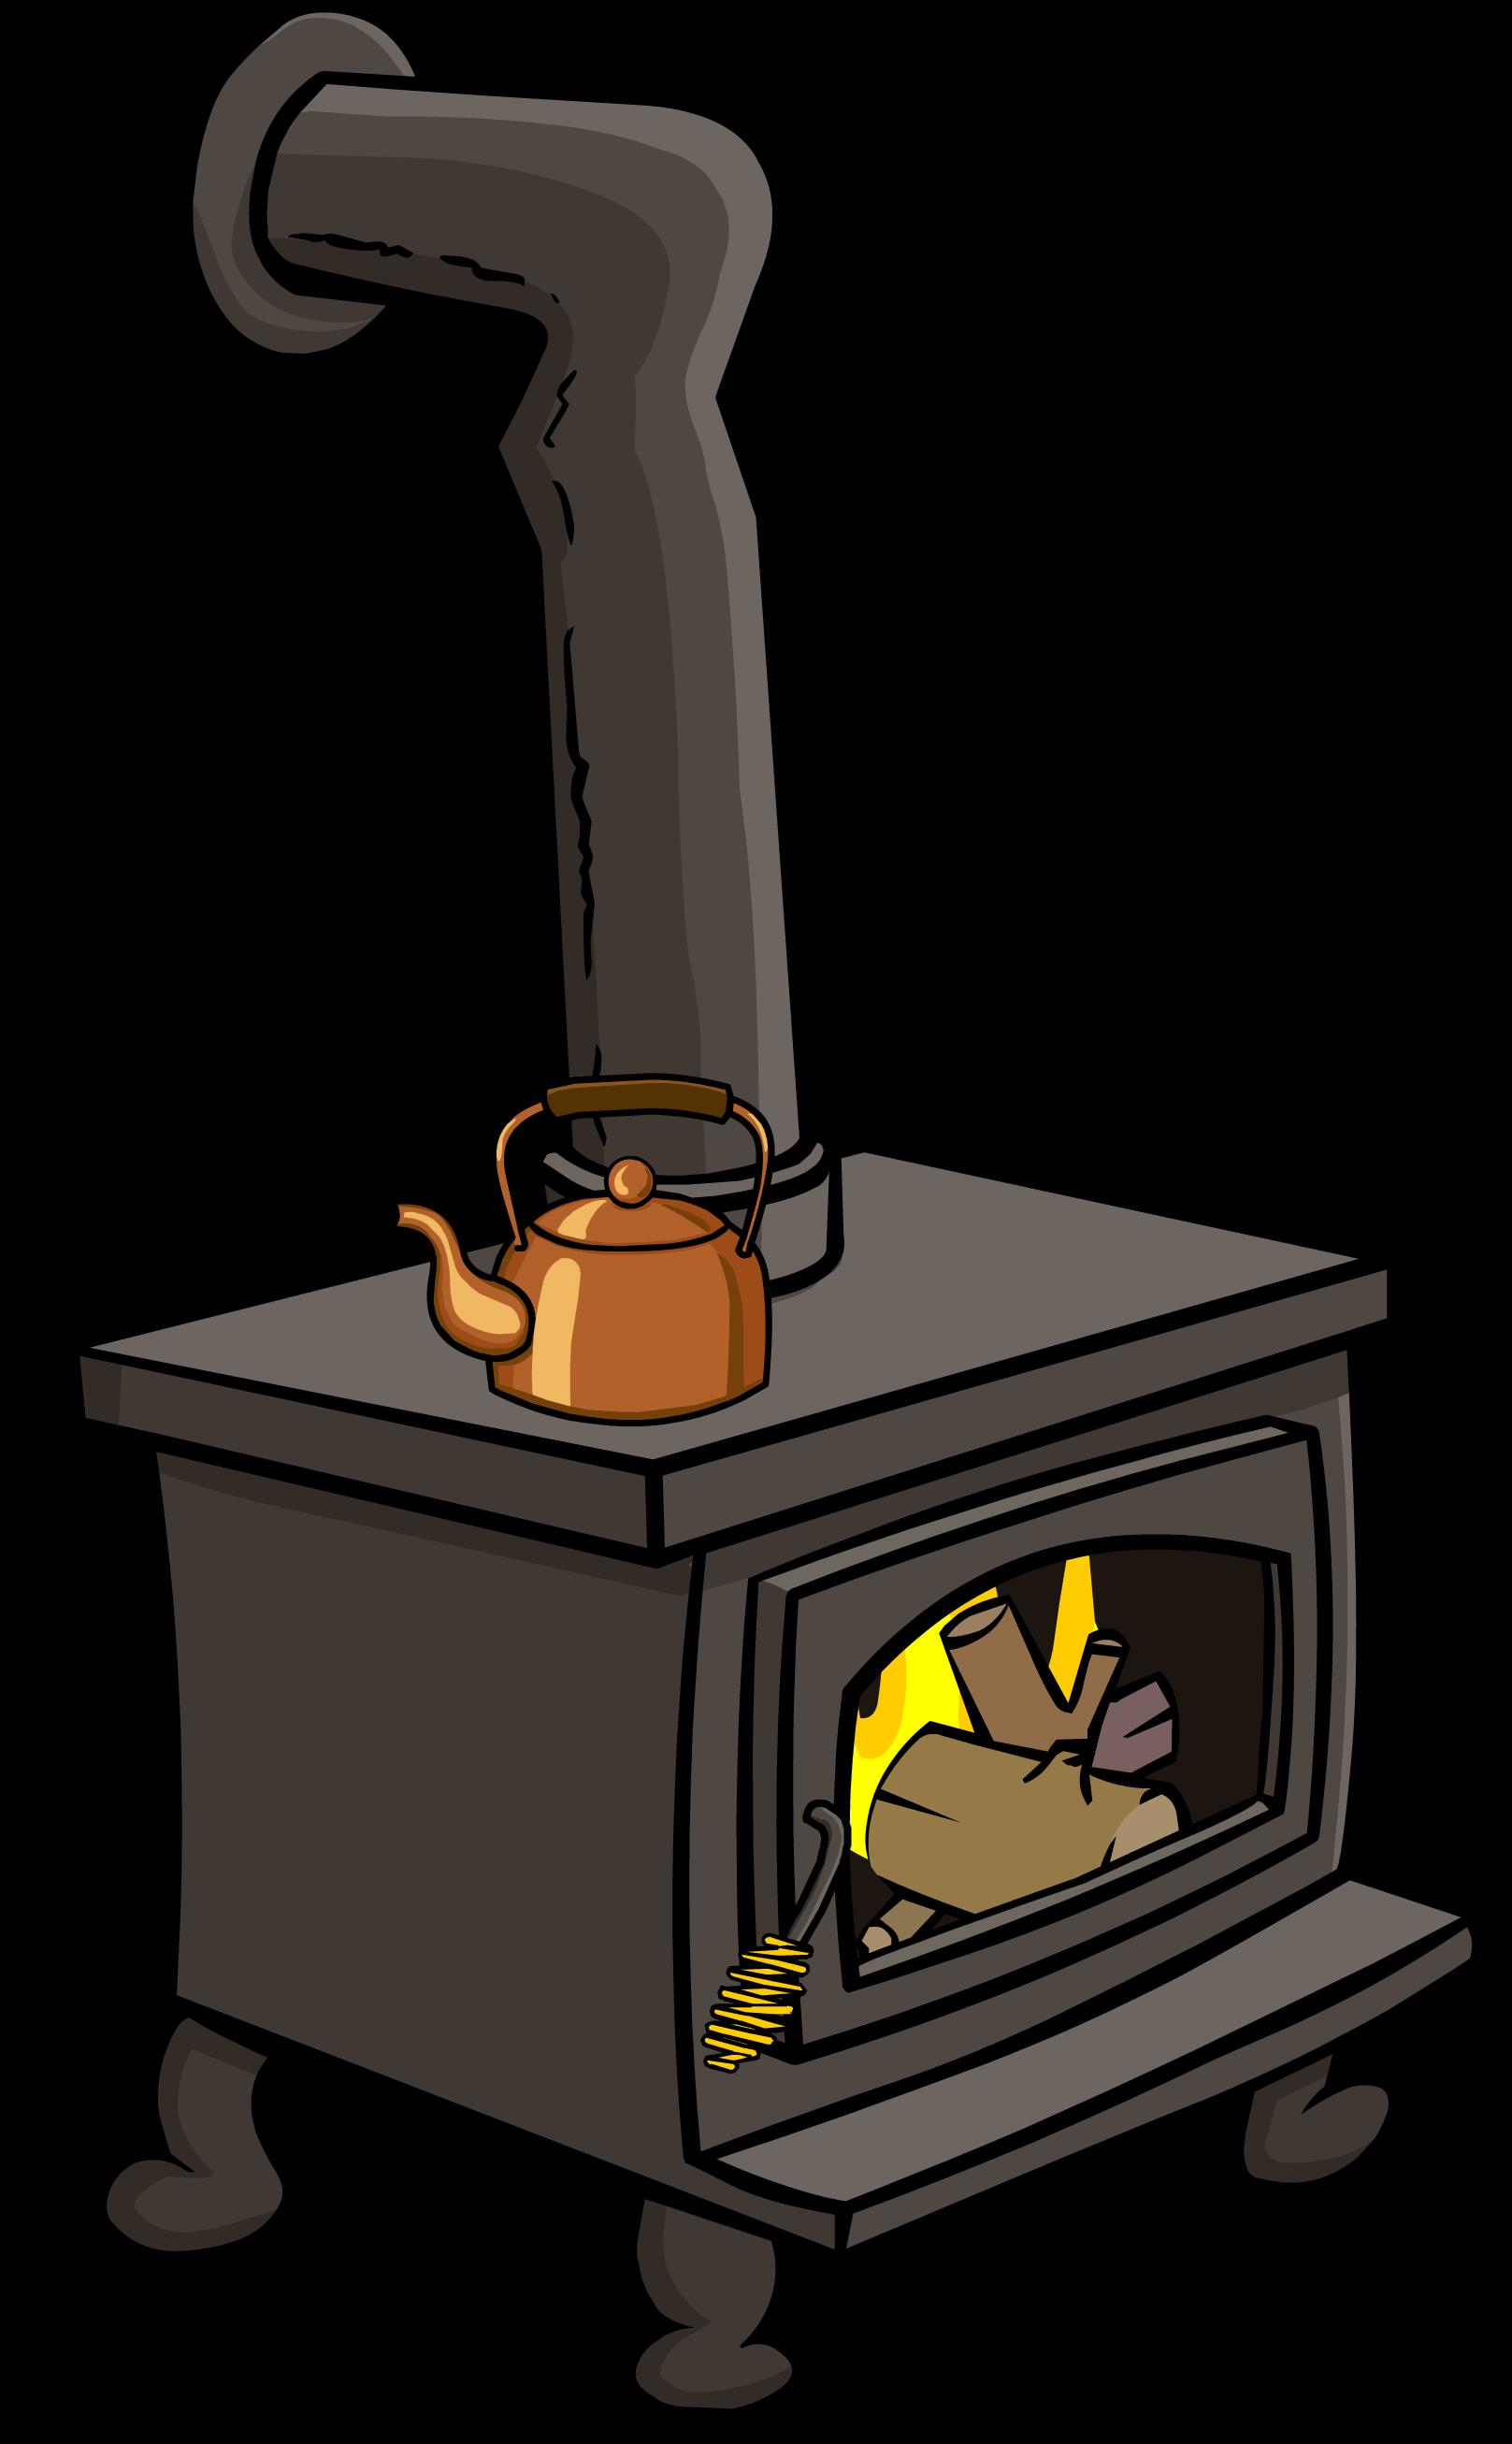 Oven clipart burner, Oven burner Transparent FREE for.